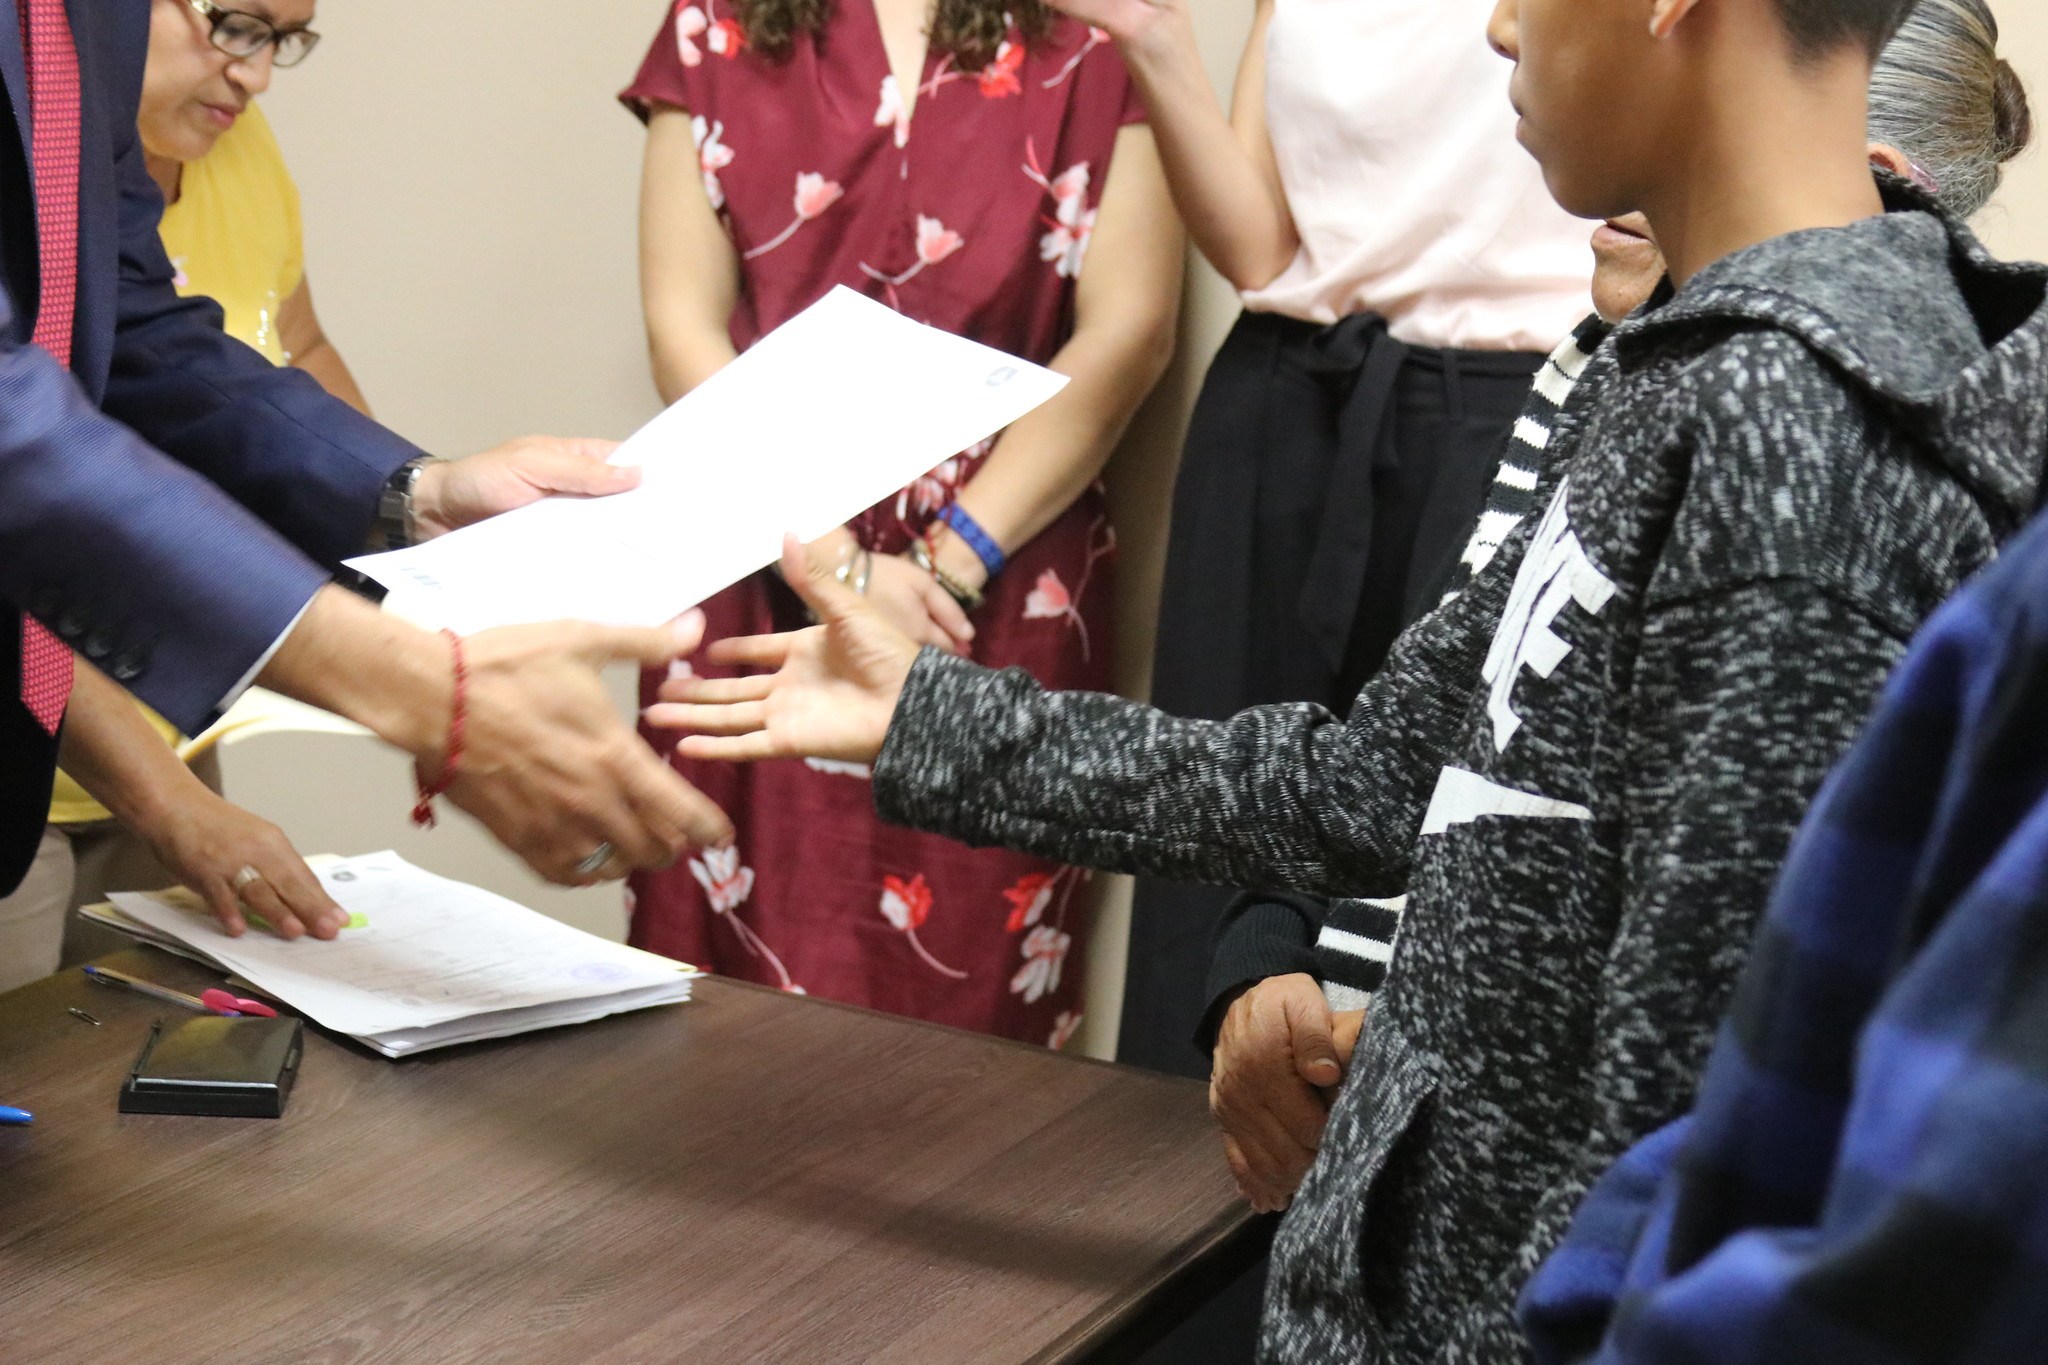 Cuatro menores de edad del municipio de Tonalá obtuvieron su registro extemporáneo de nacimiento.